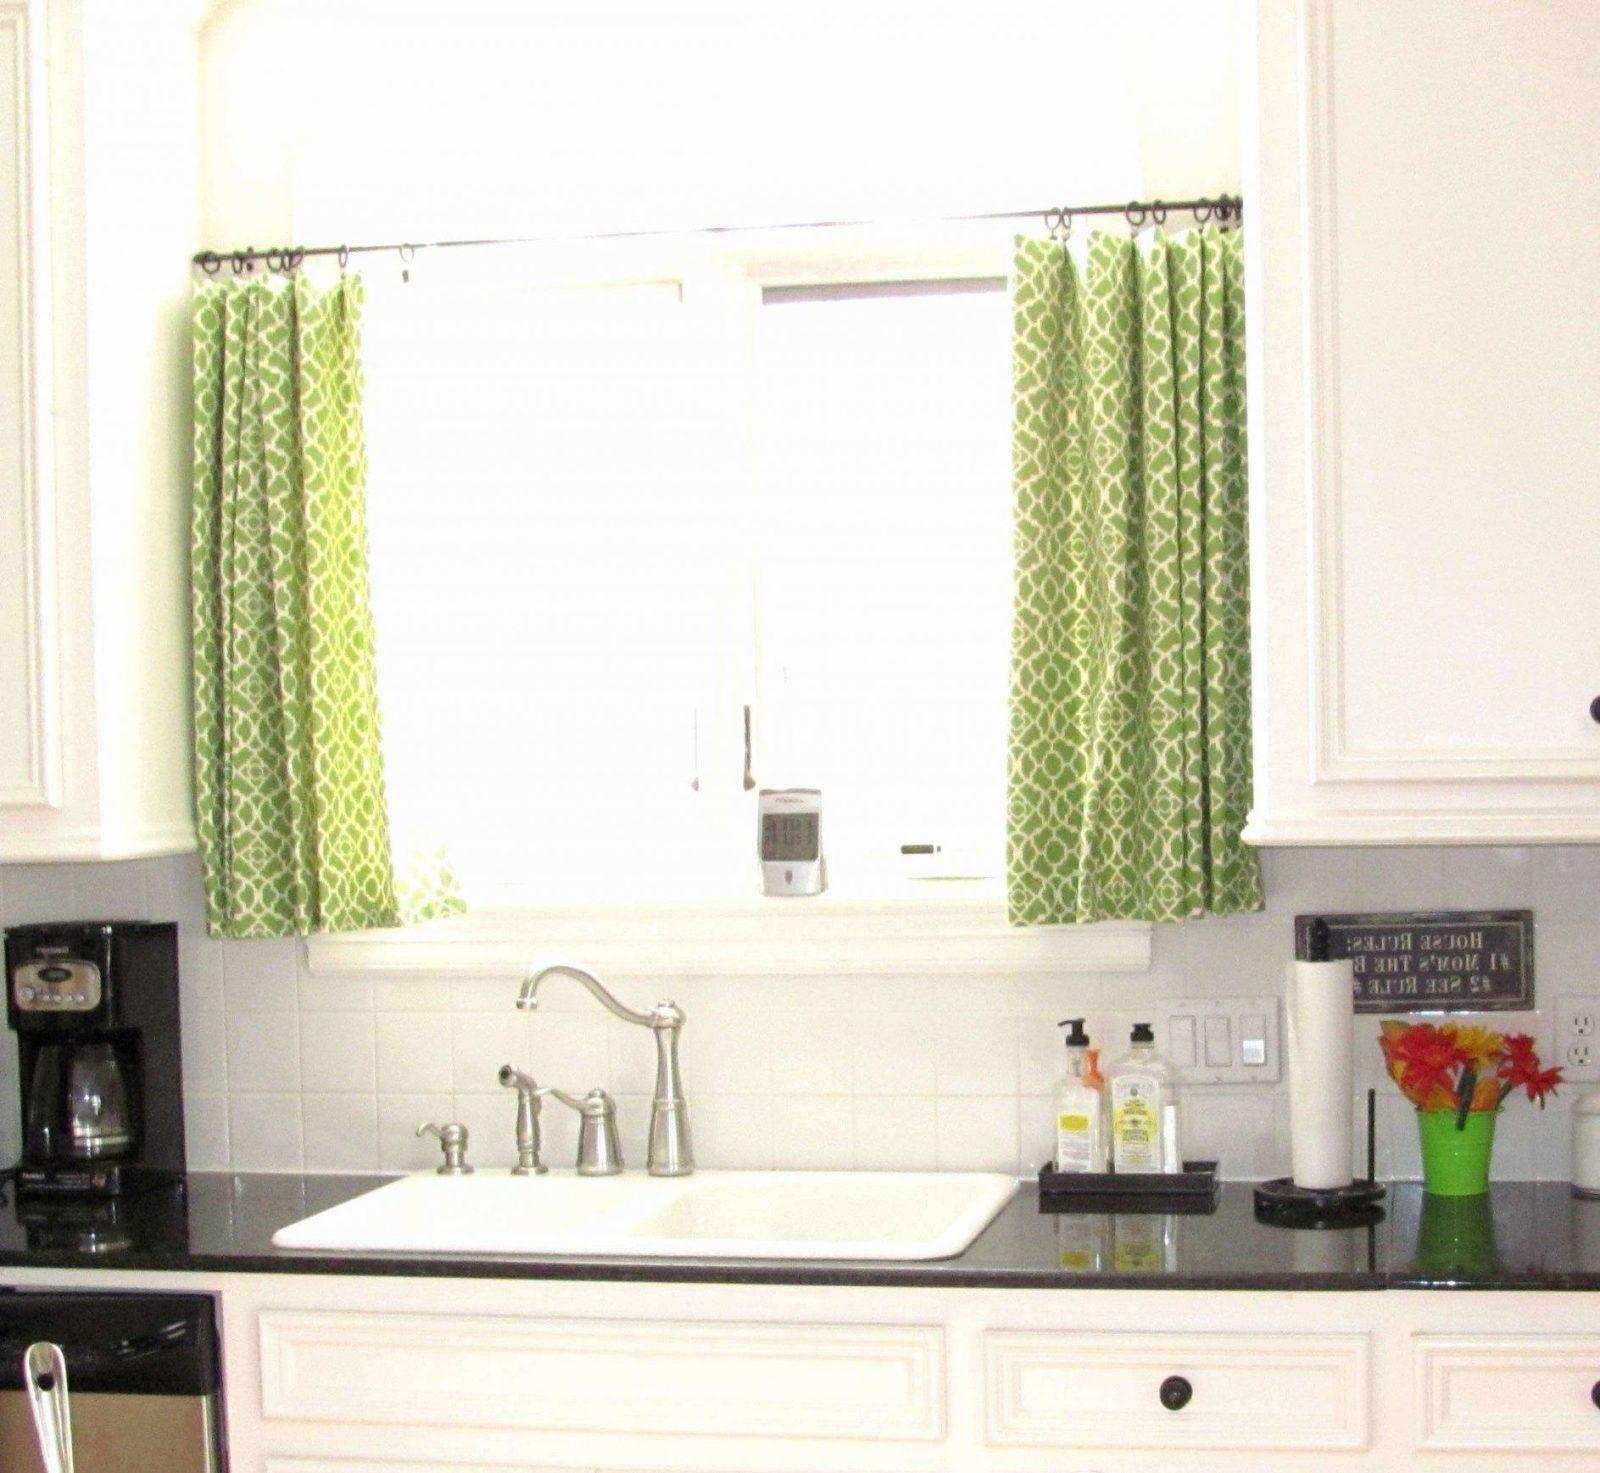 Full Size of Küchenfenster Gardinen Fenster Bilder So Waschen Und Pflegen Sie Ihre Küche Schlafzimmer Scheibengardinen Für Die Wohnzimmer Wohnzimmer Küchenfenster Gardinen